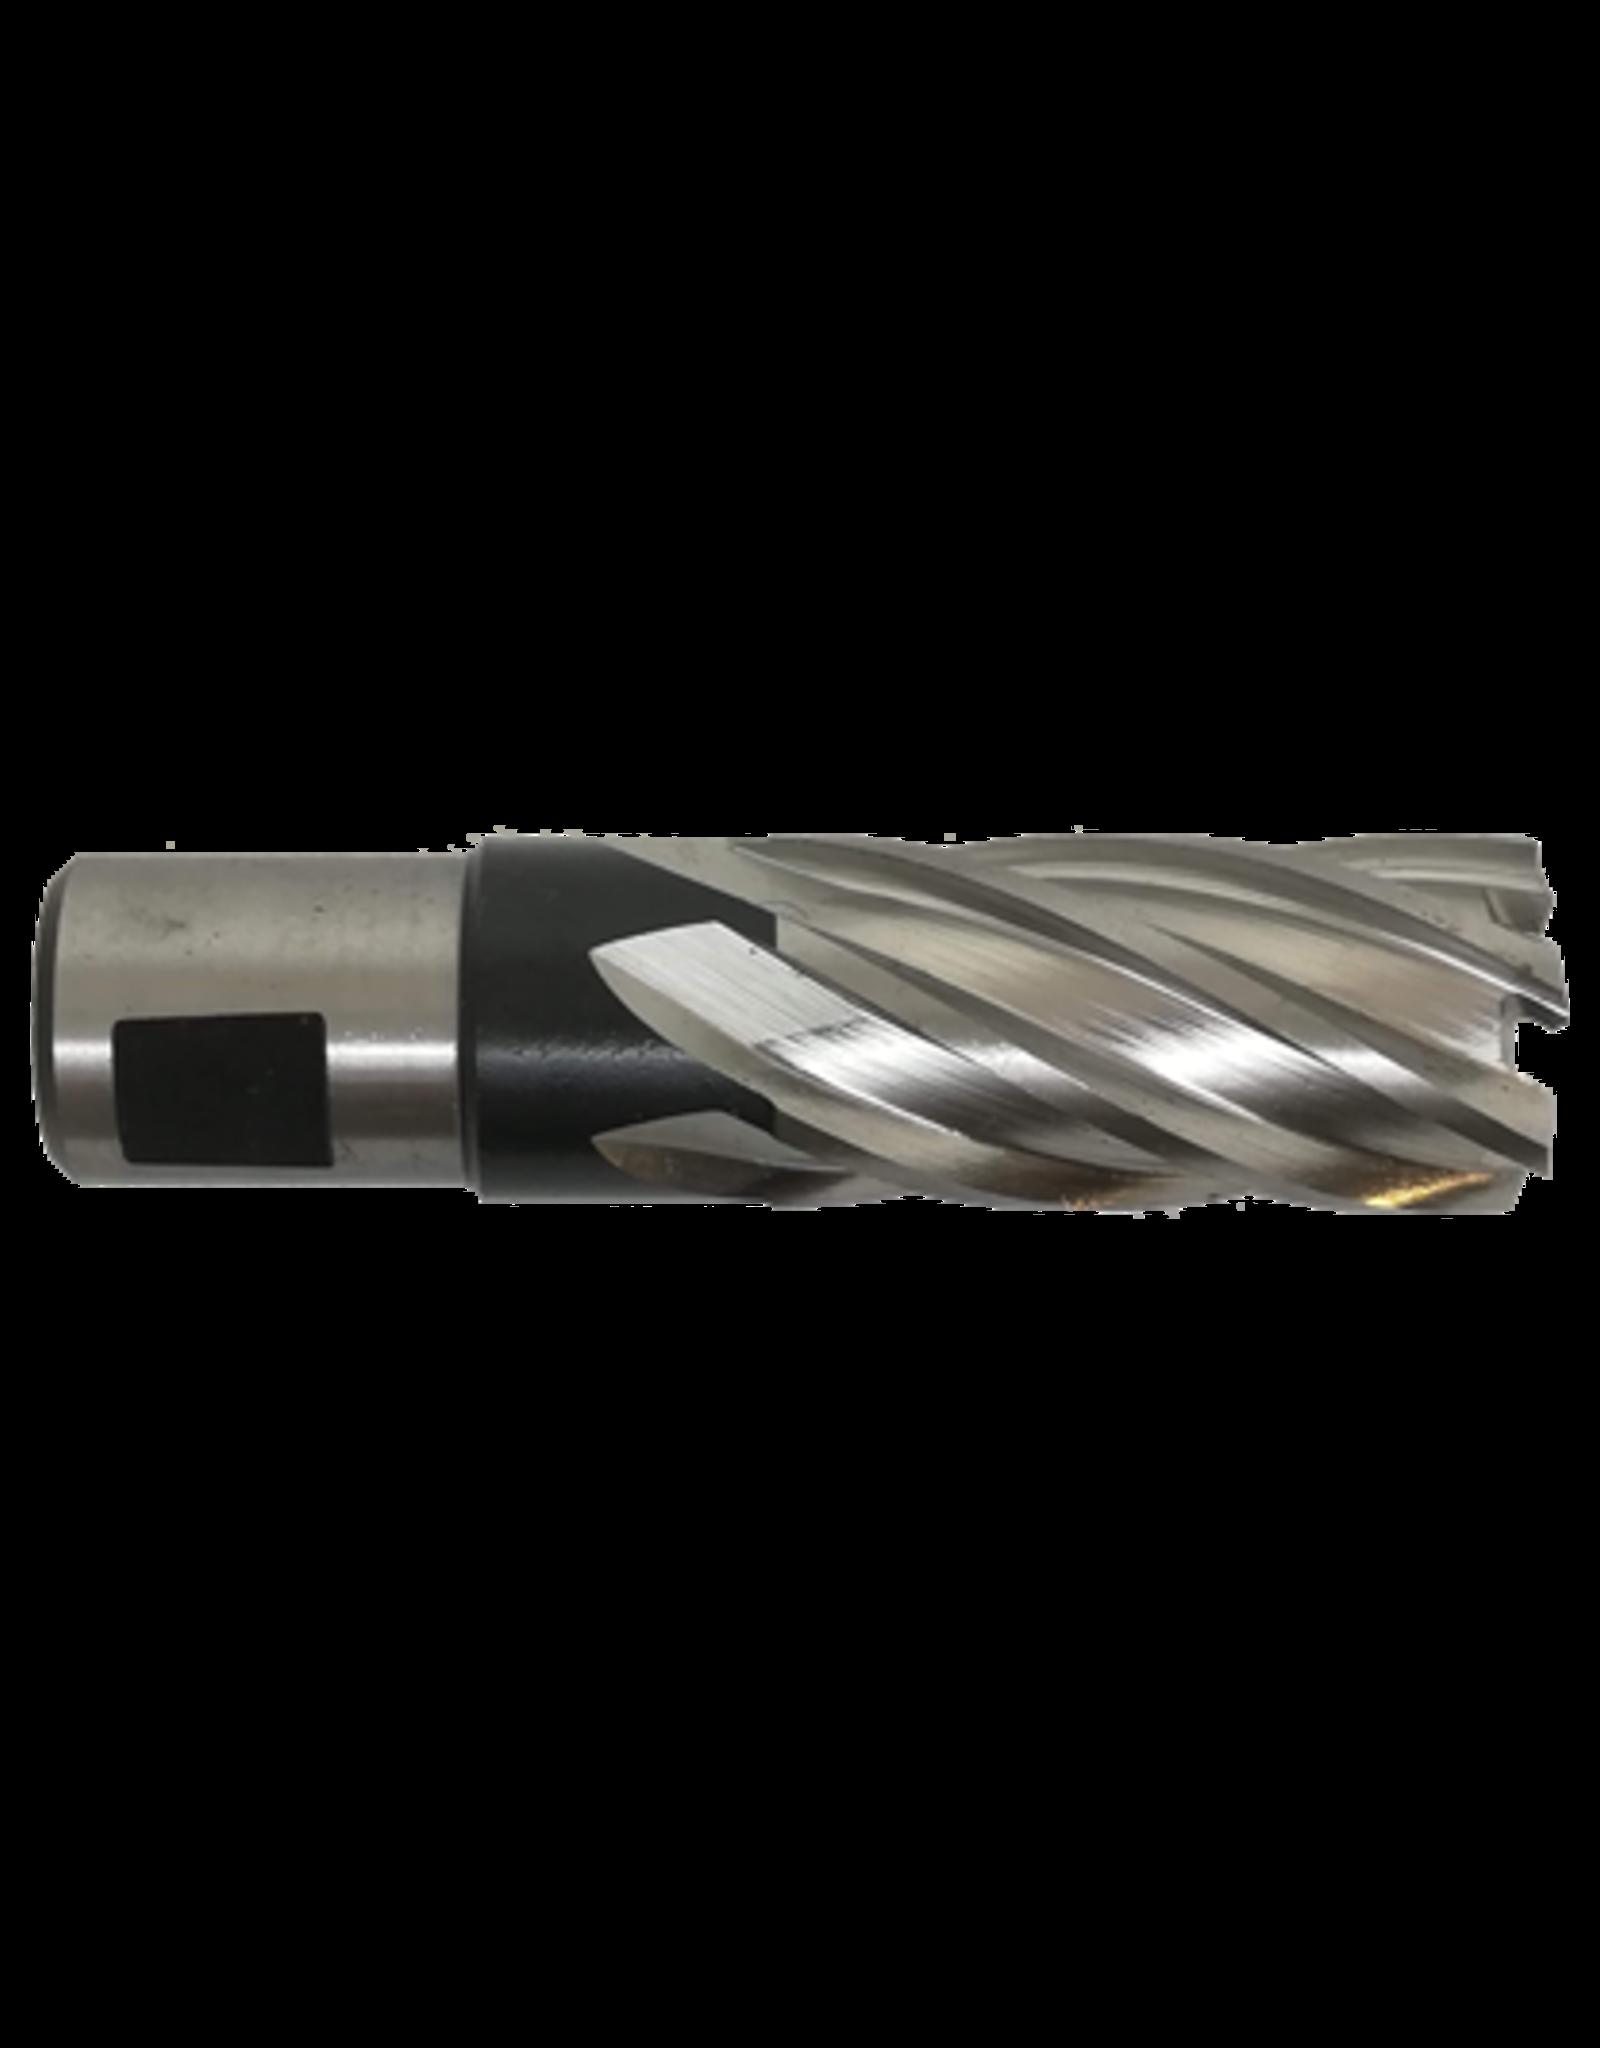 Evolution Power Tools Steel Line EVOLUTION LANGE HSS KERNFREES - 26 MM